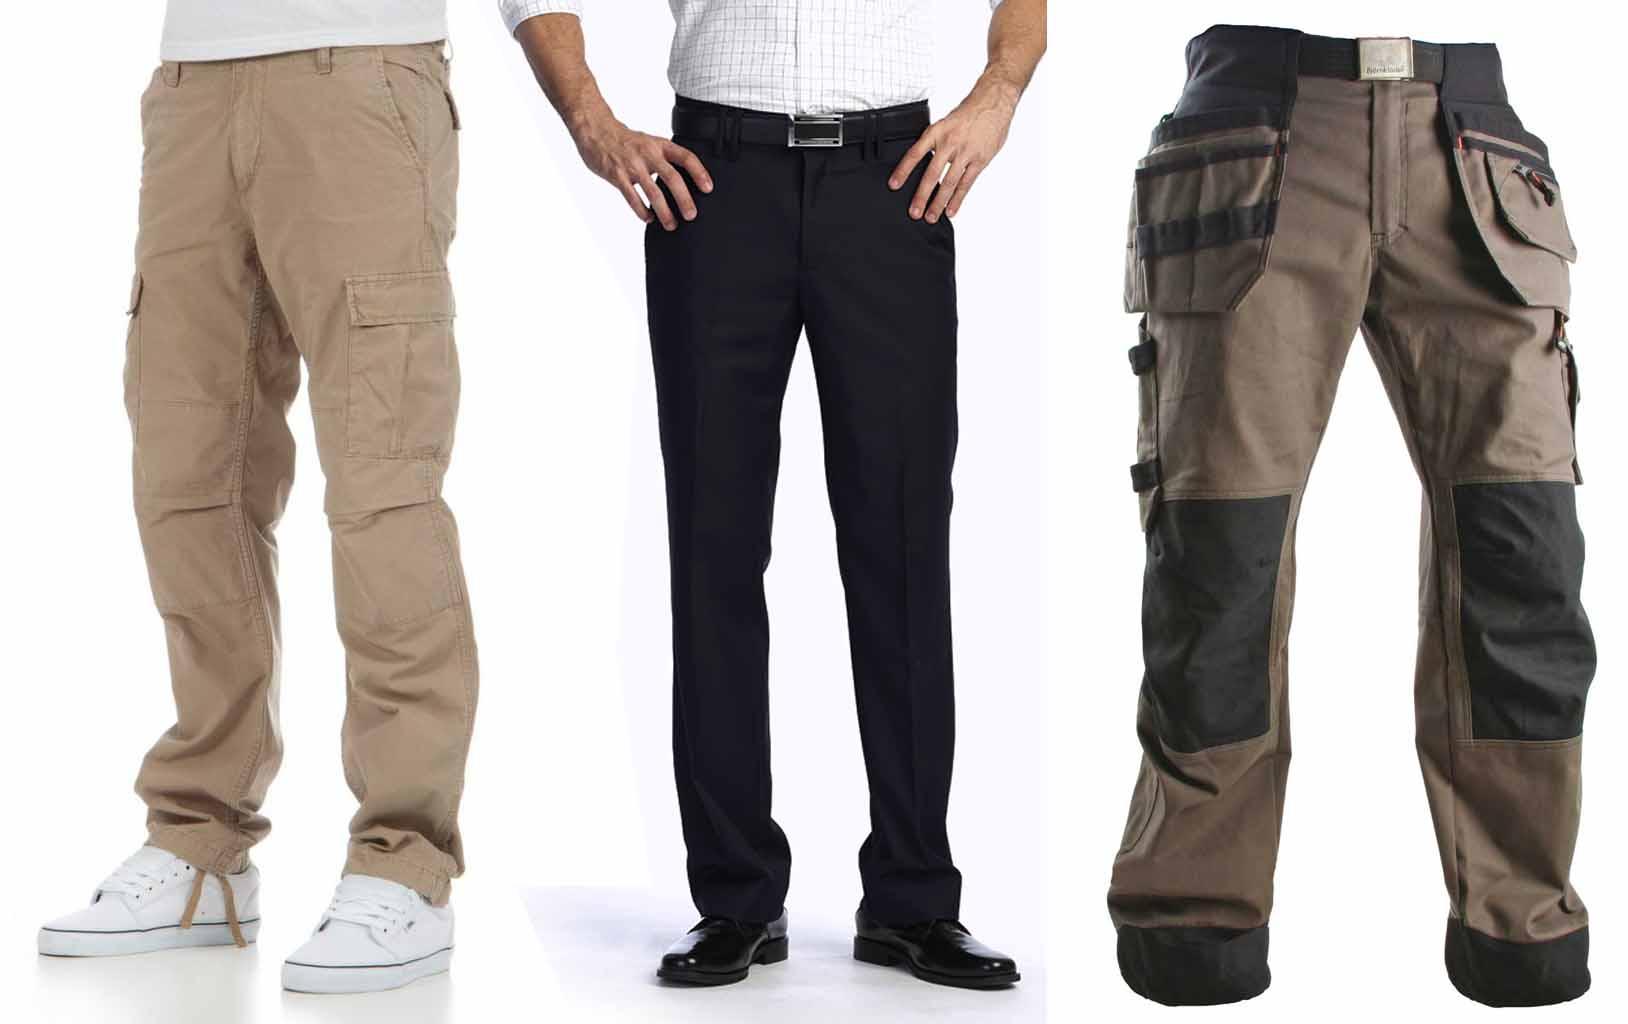 Per un uomo con qualche kg di troppo i pantaloni non devono essere né troppo aderenti né troppo voluminosi